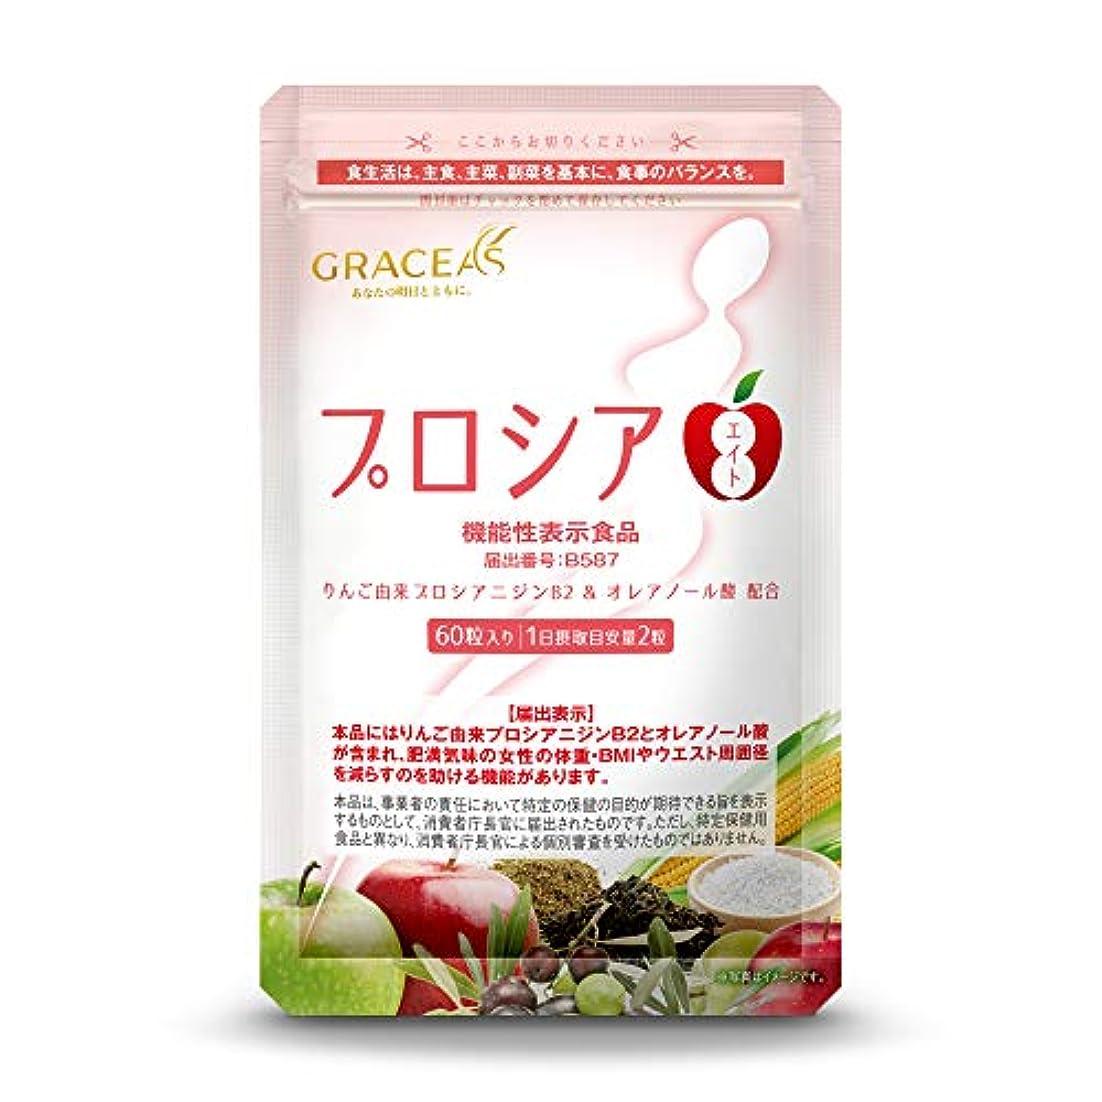 不適切な殺しますリストプロシア8(プロシアエイト) ダイエットサプリ りんご由来 オリーブ葉抽出 機能性表示食品 特許成分配合 60粒